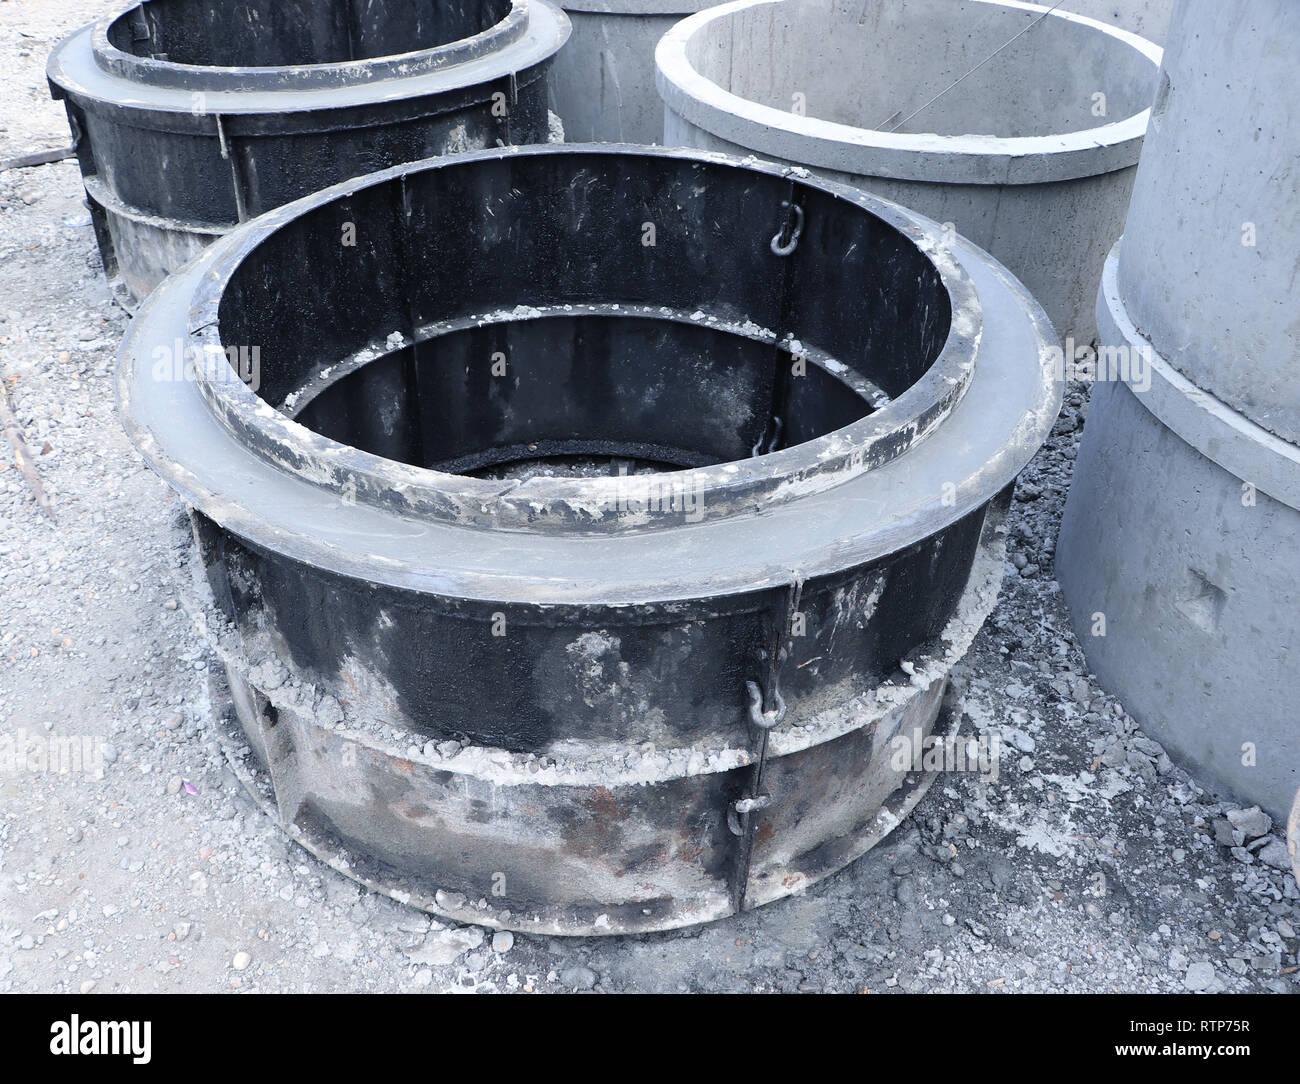 Precast Concrete Pipes Stock Photos & Precast Concrete Pipes